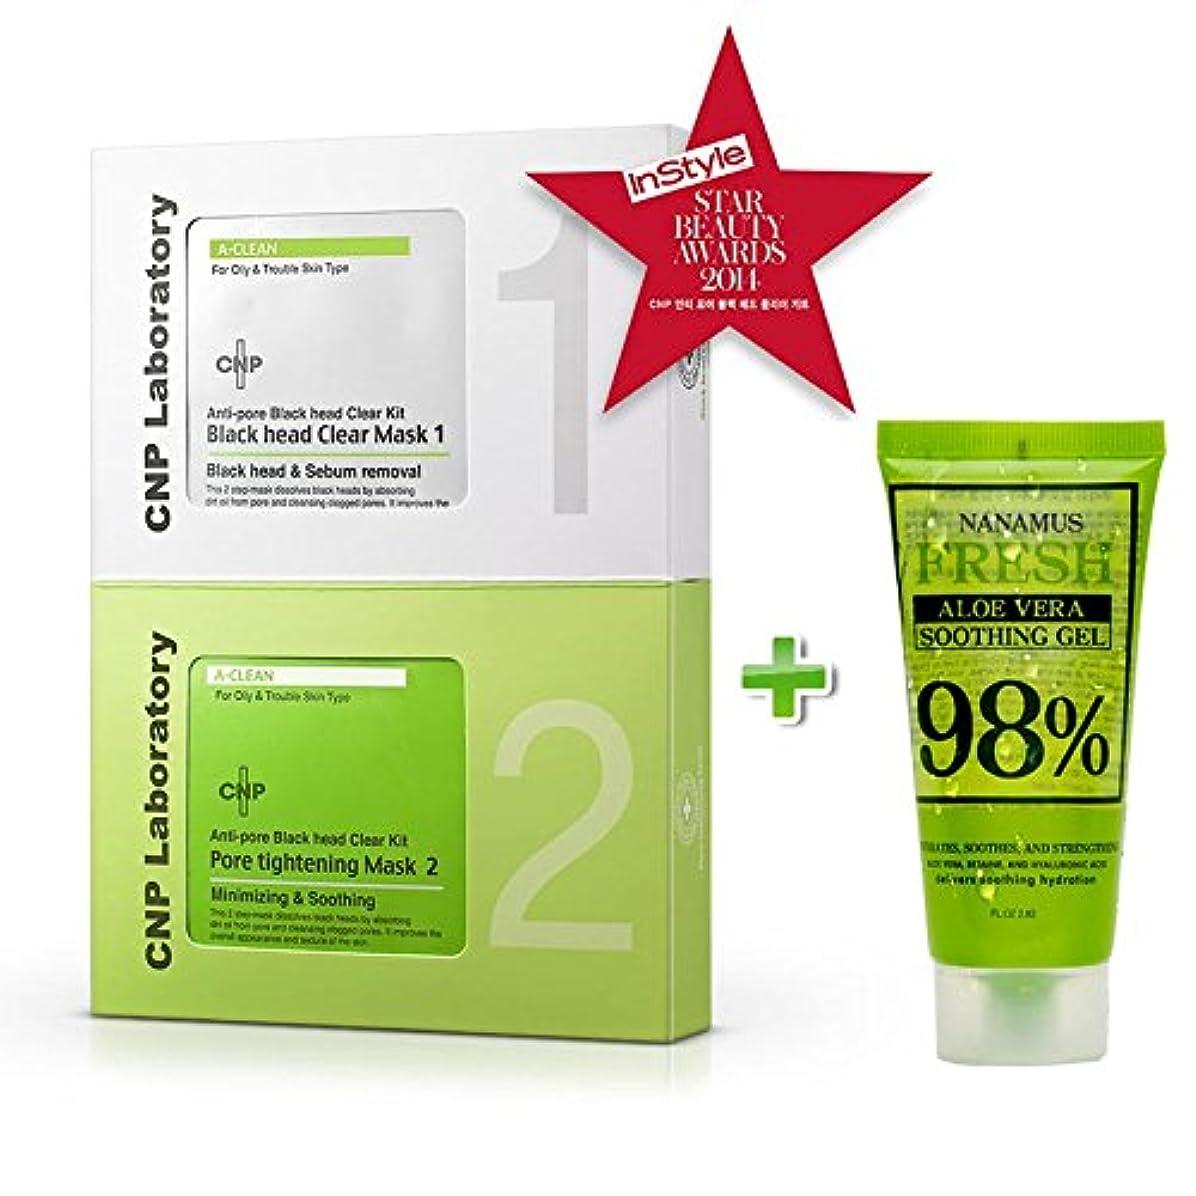 セマフォソケット冷笑する差額泊/CNP Anti-pore Black head Clear Kit/ アンチポアブラックヘッドクリアキット (10枚)+ Gift アロエ98% ナナムース スディンジェル(海外直送品)